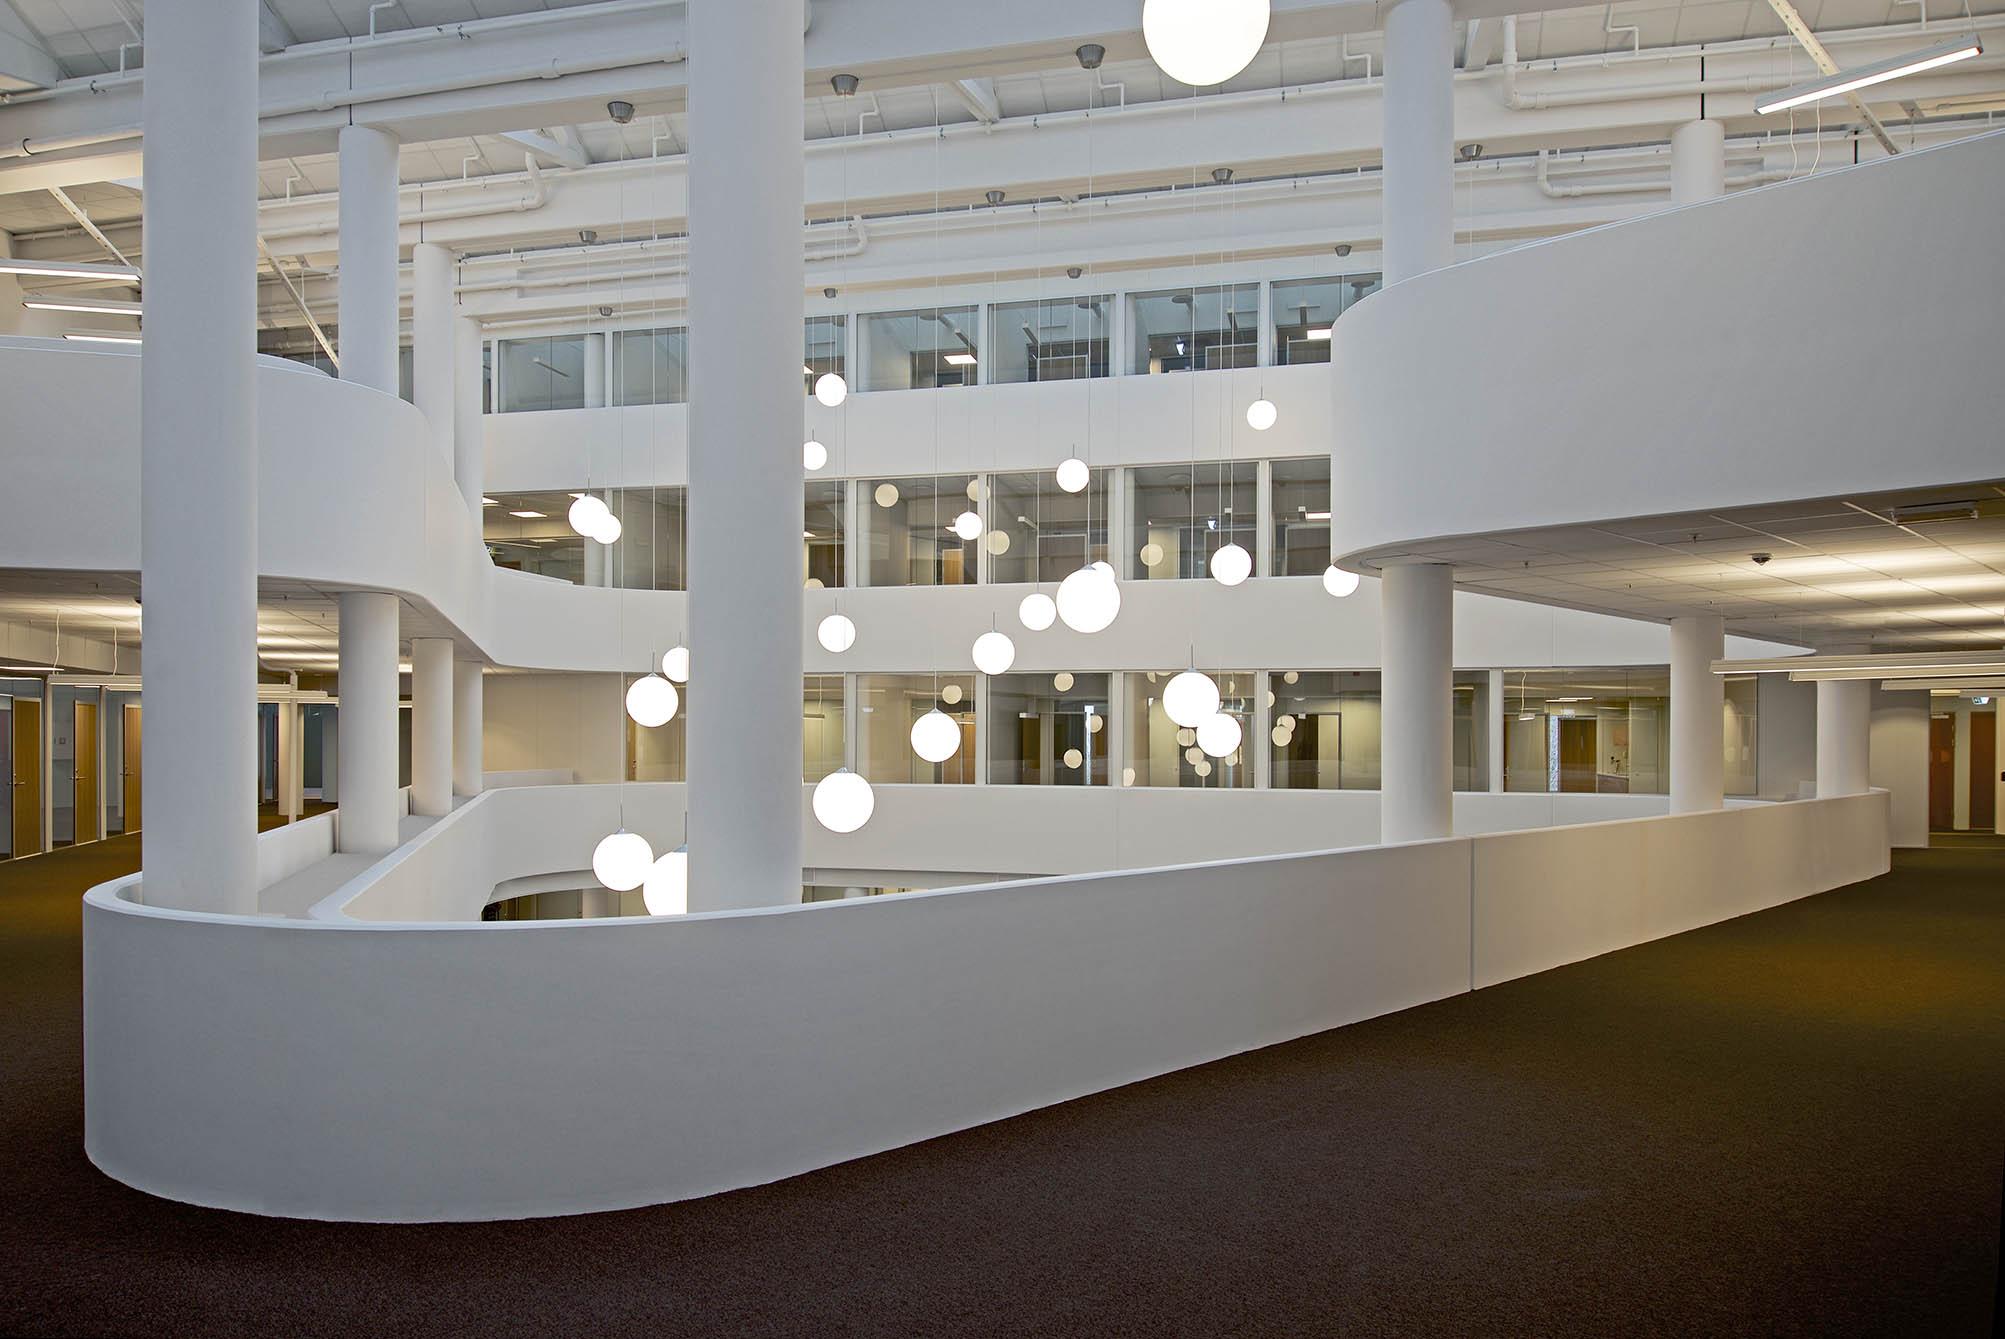 - Kunde:Porsgrunn Utvikling ASLeverandører: Re Arkitektur og MMW ArkitekterRolle: Ansvarlig ArkitektFerdigstilt: 2017.